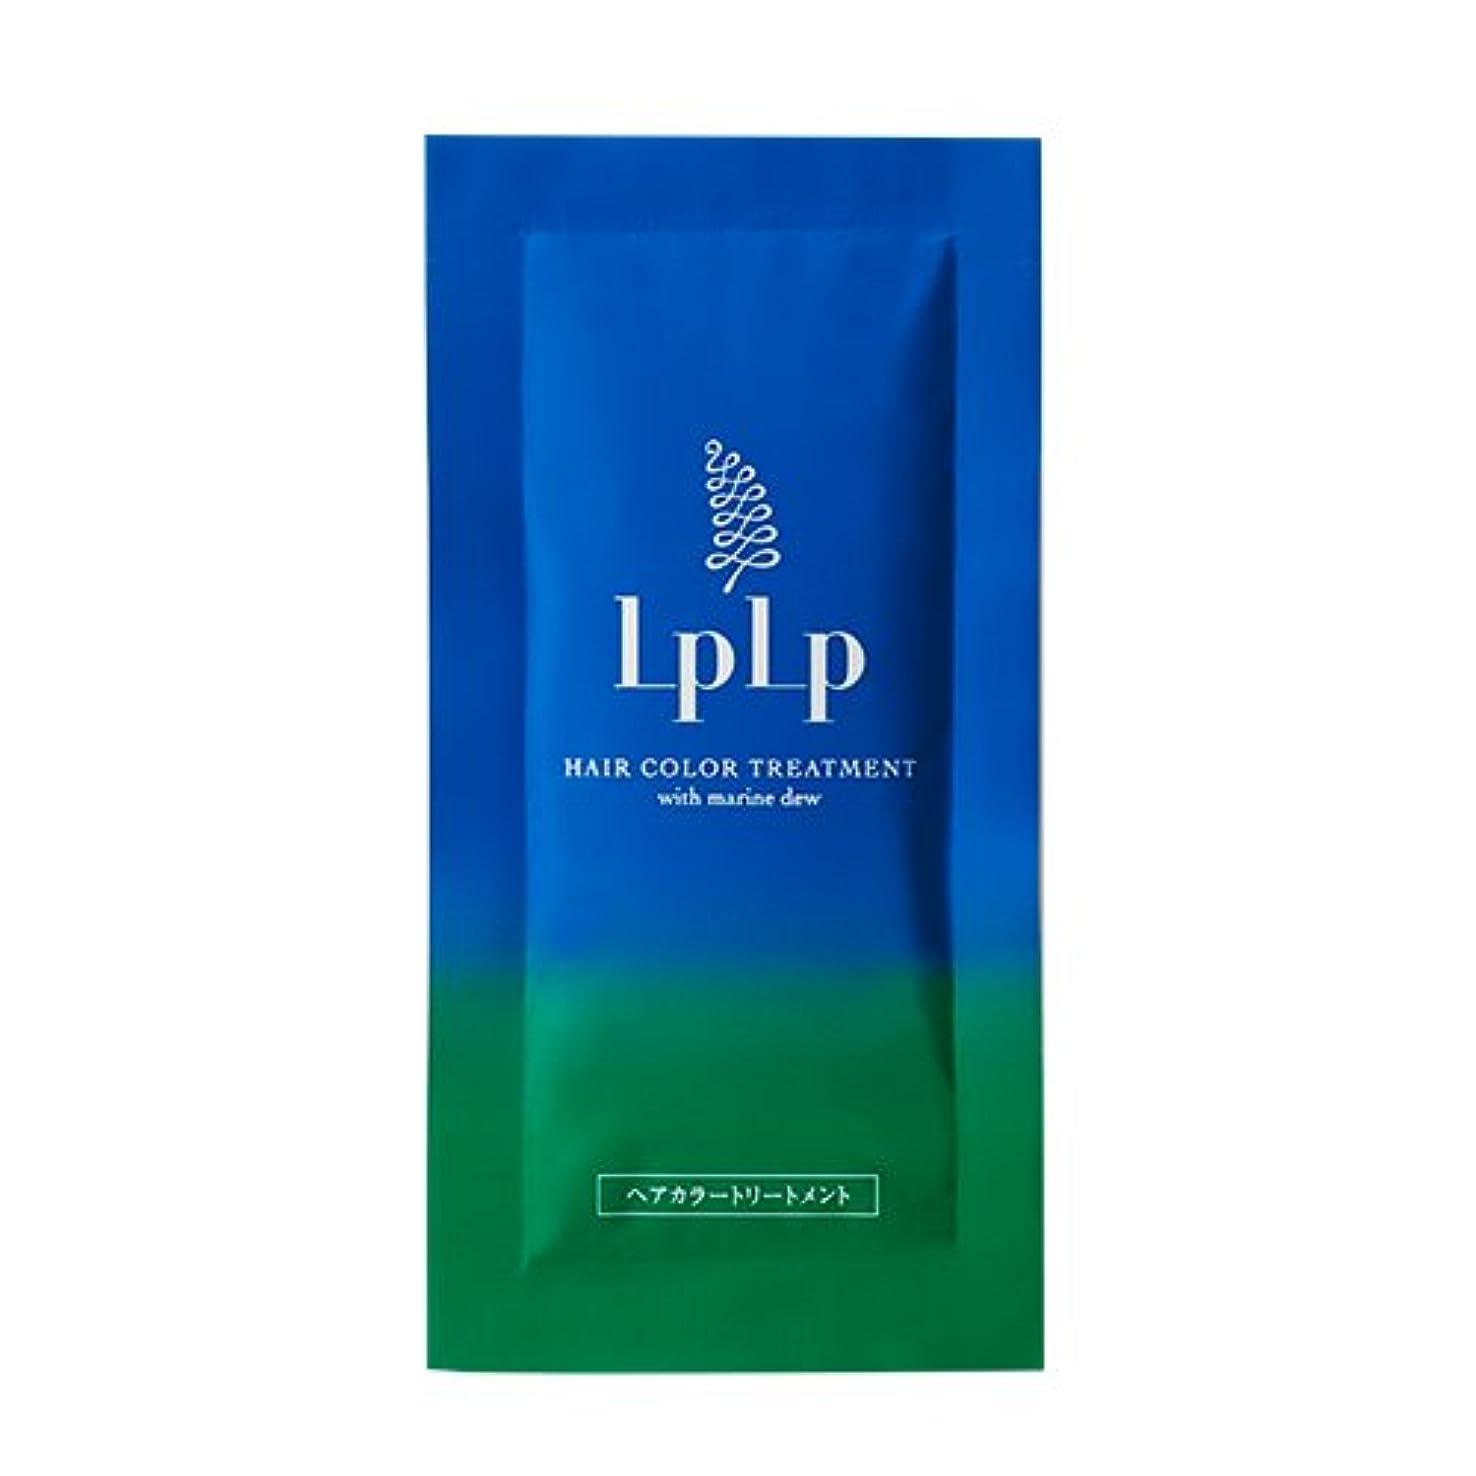 本体句支払うLPLP(ルプルプ)ヘアカラートリートメントお試しパウチ ブラウン